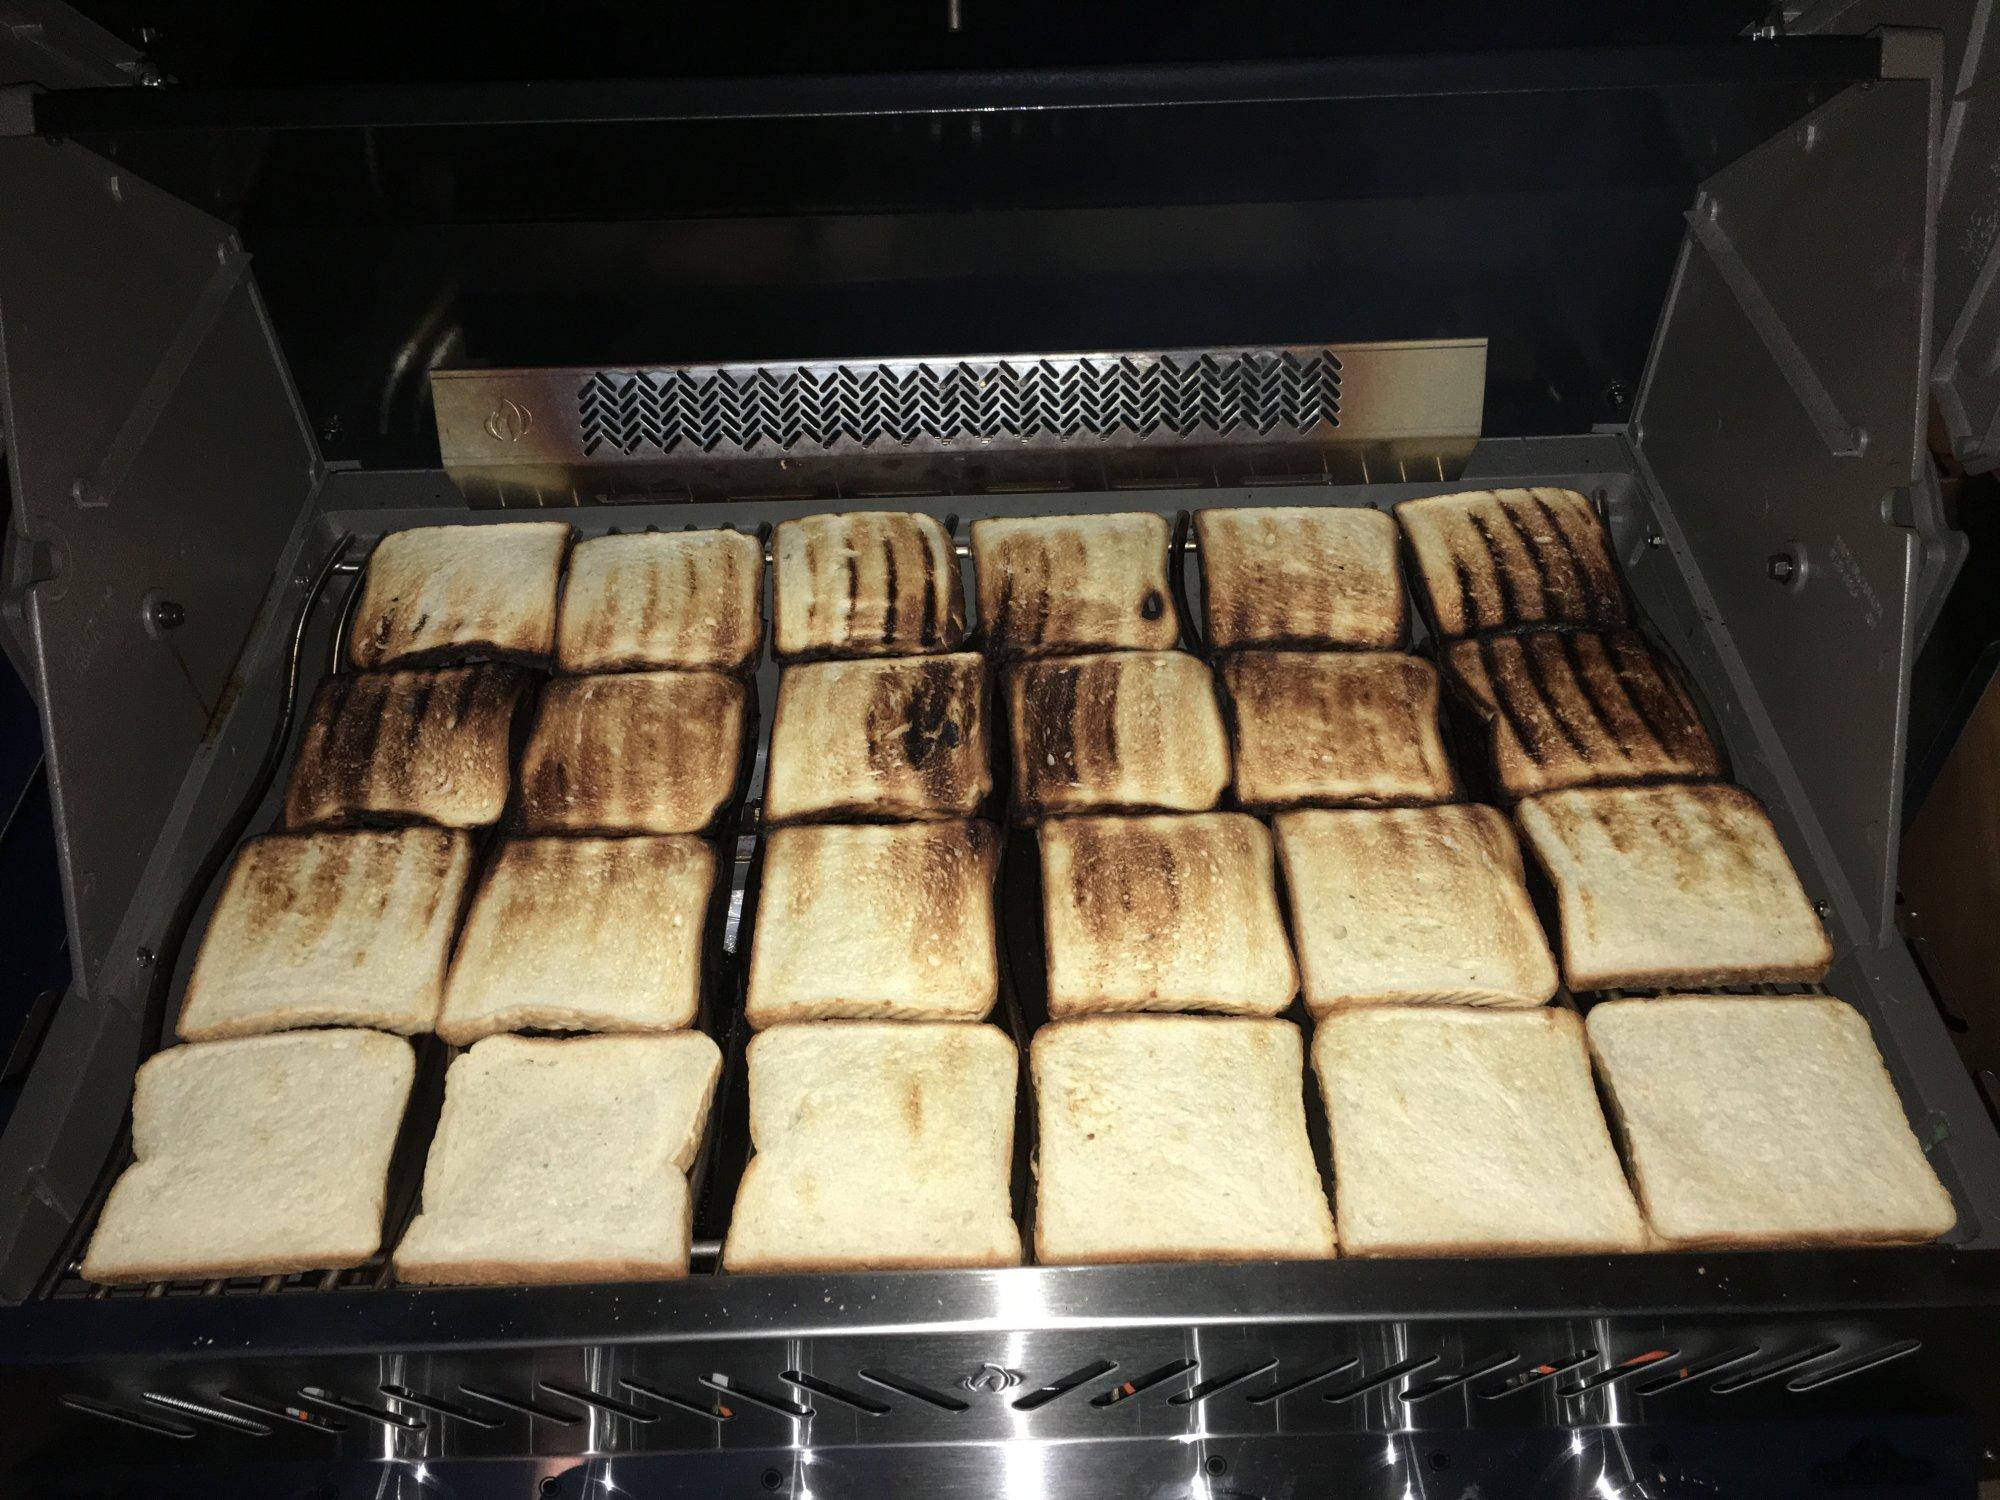 Napoleon Gasgrill Test : Toastbrottest zur bestimmung der hitzeverteilung beim gasgrill